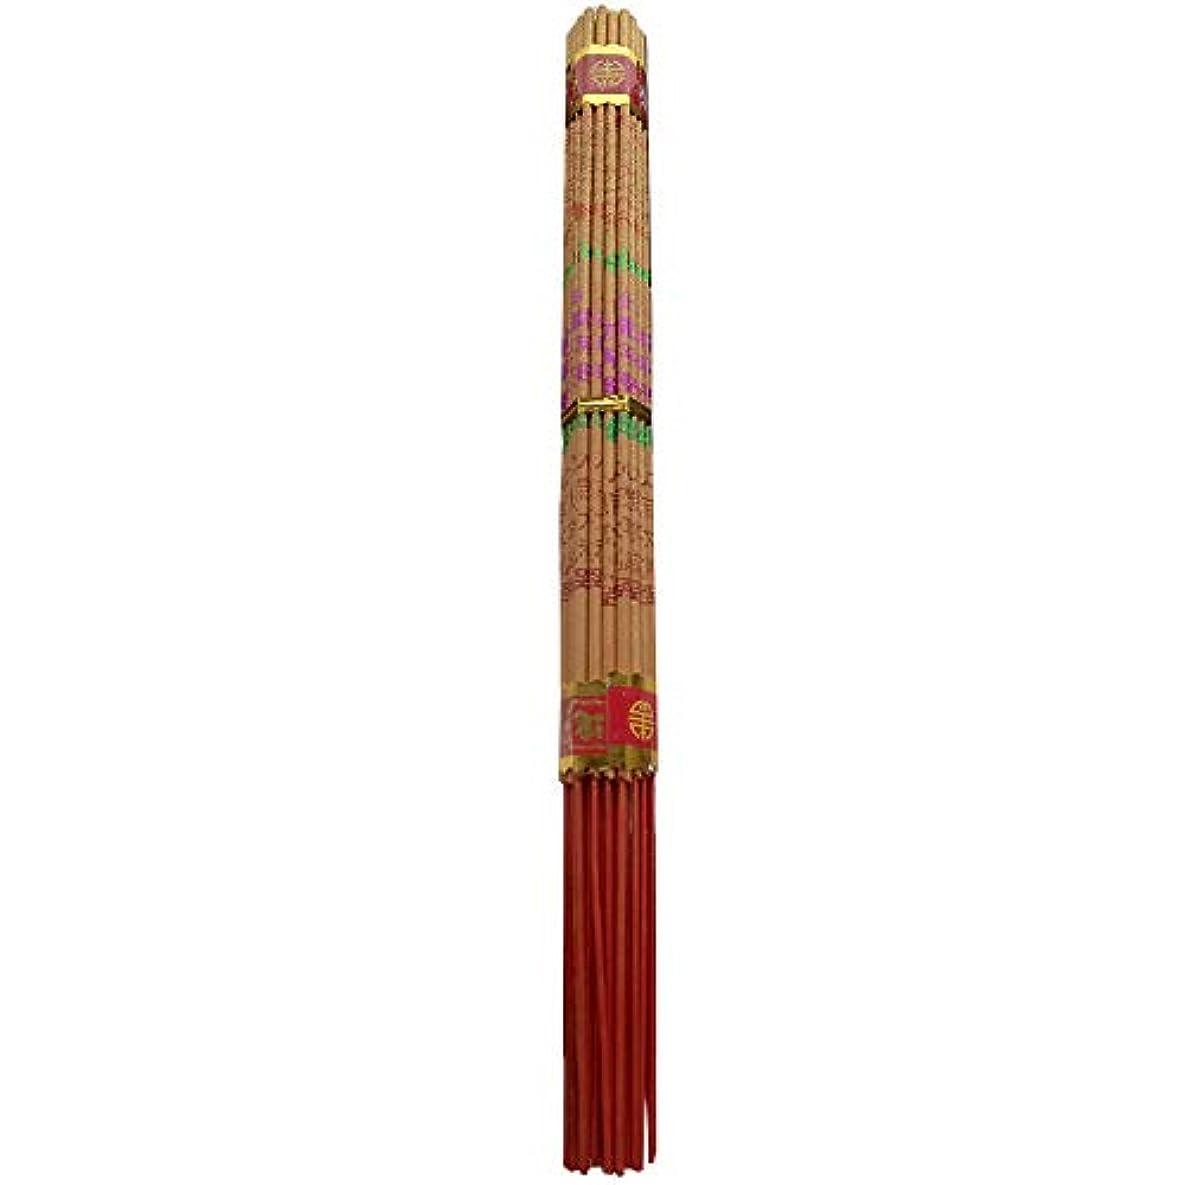 電話をかけるオークション台風zeestar Incense/中国香お香Long Burning Buddhist 10.2インチ – 38 Sticks